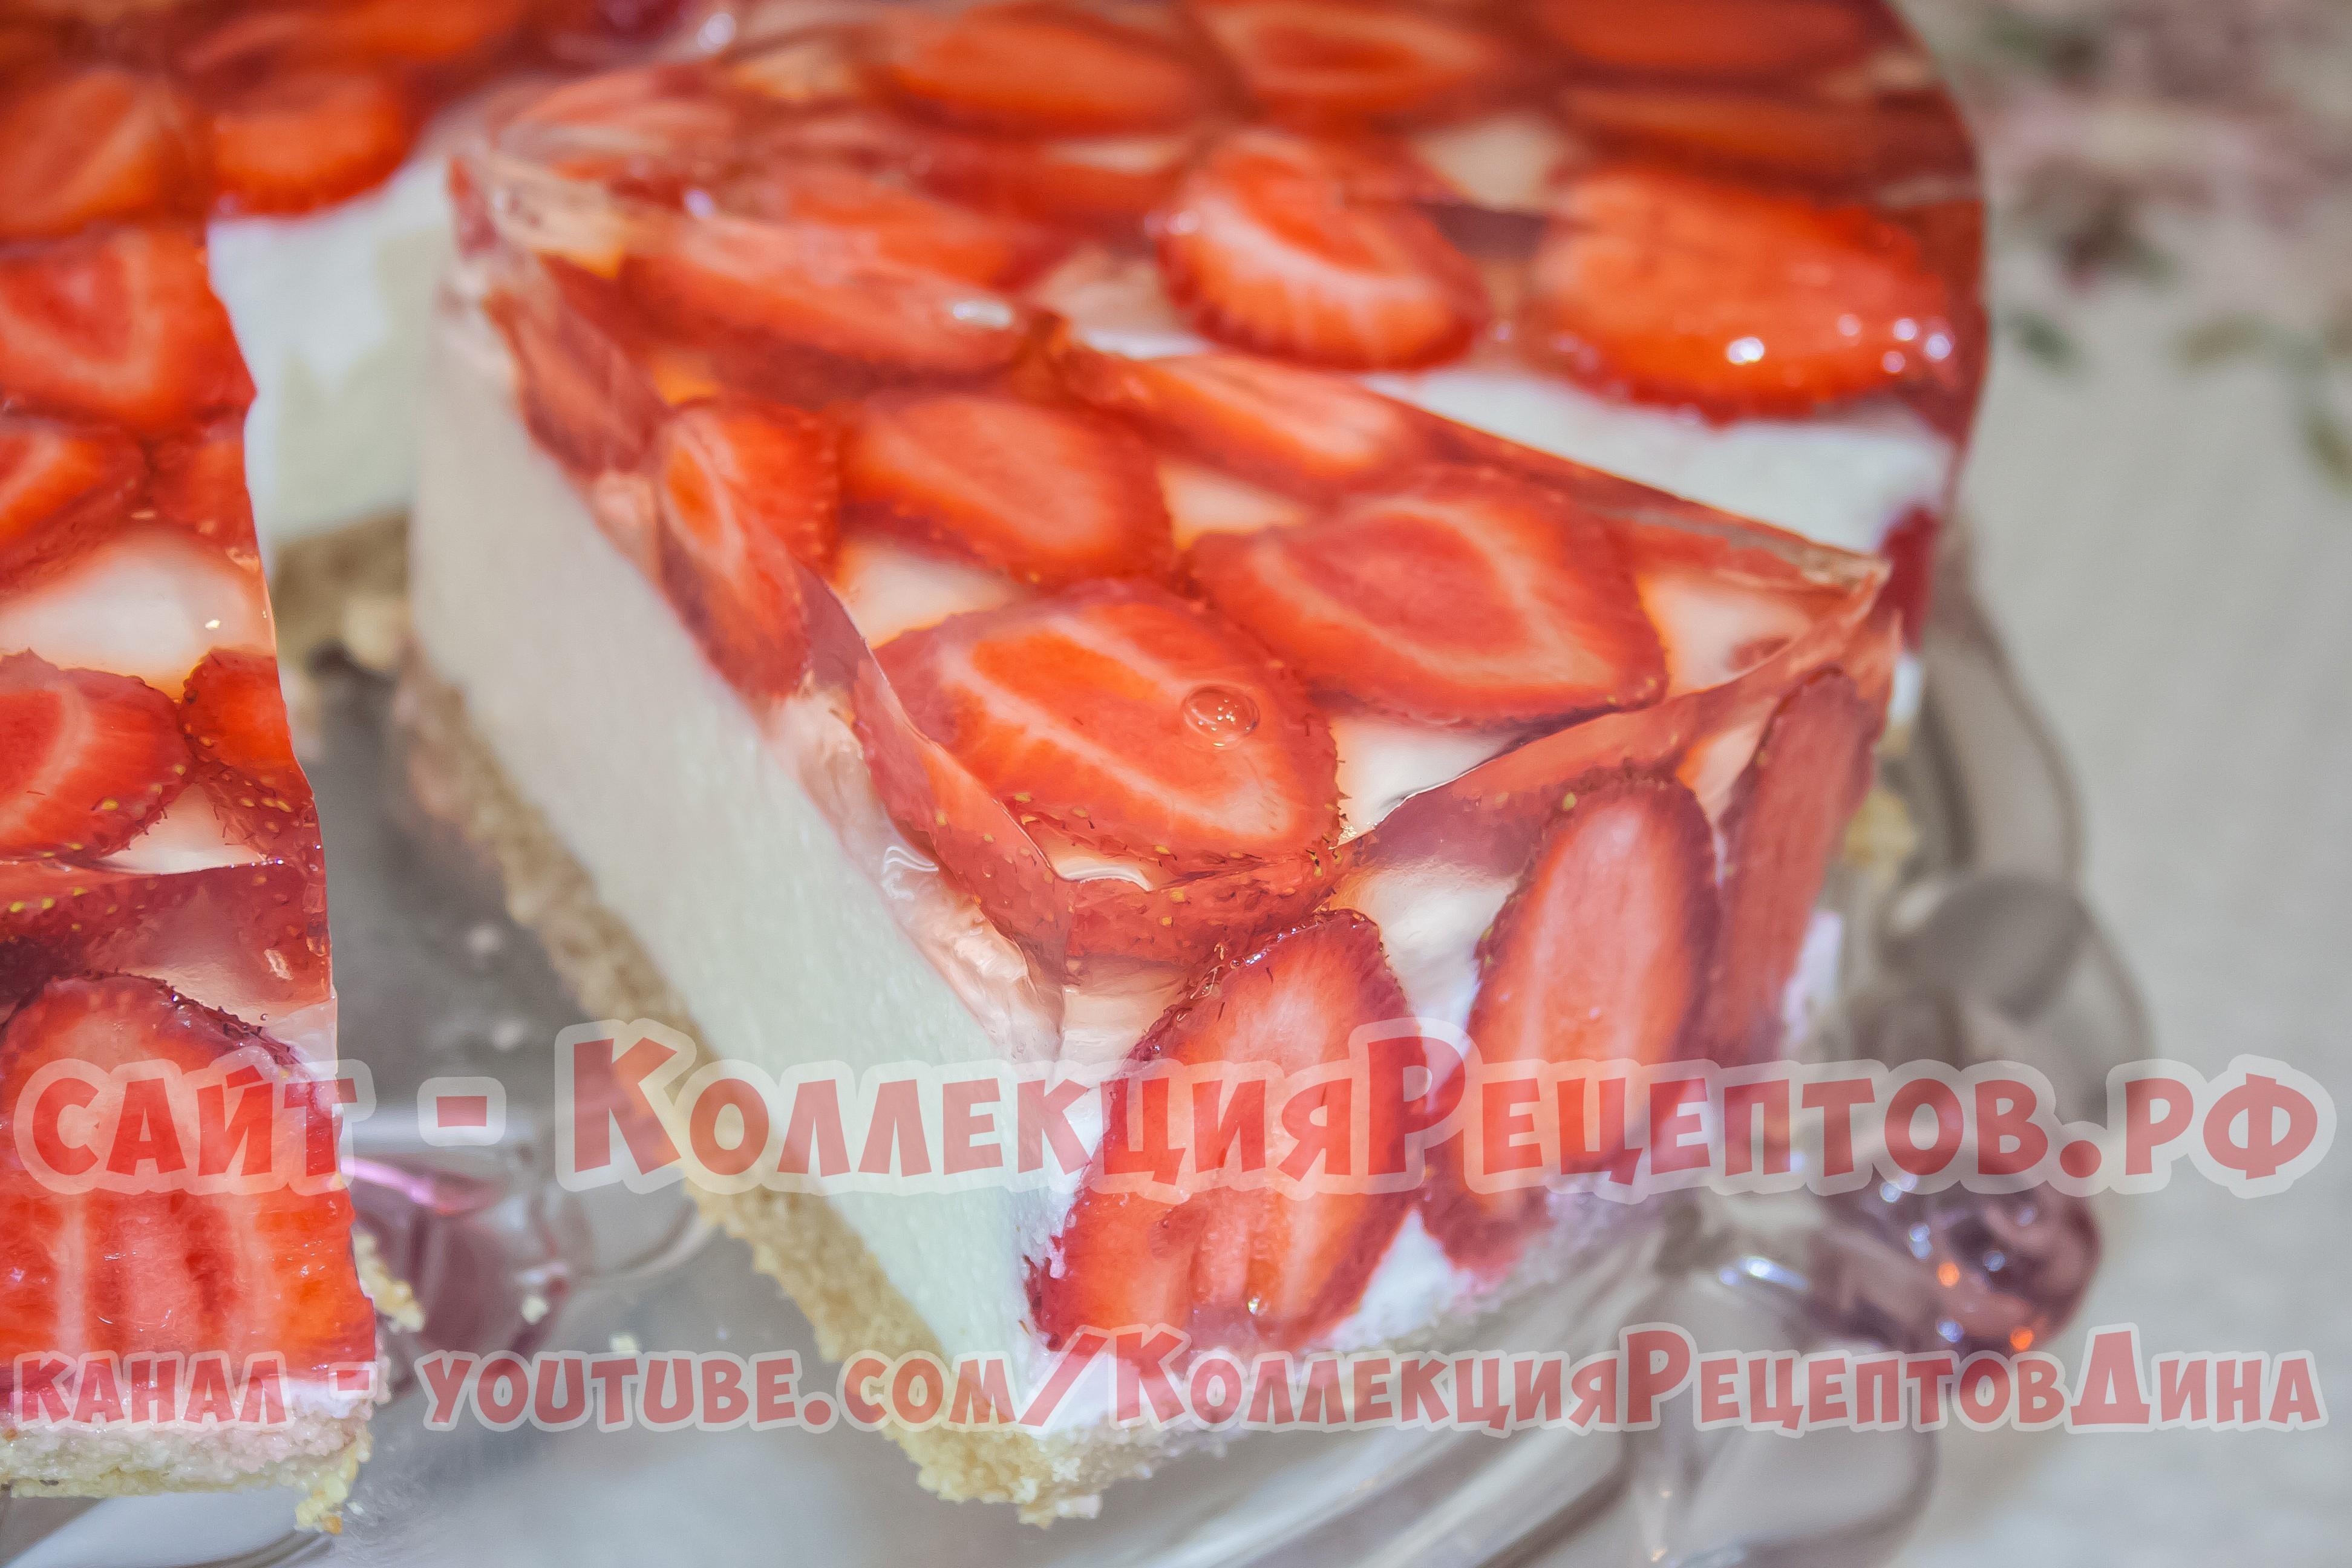 Творожное суфле без выпечки рецепт пошагово